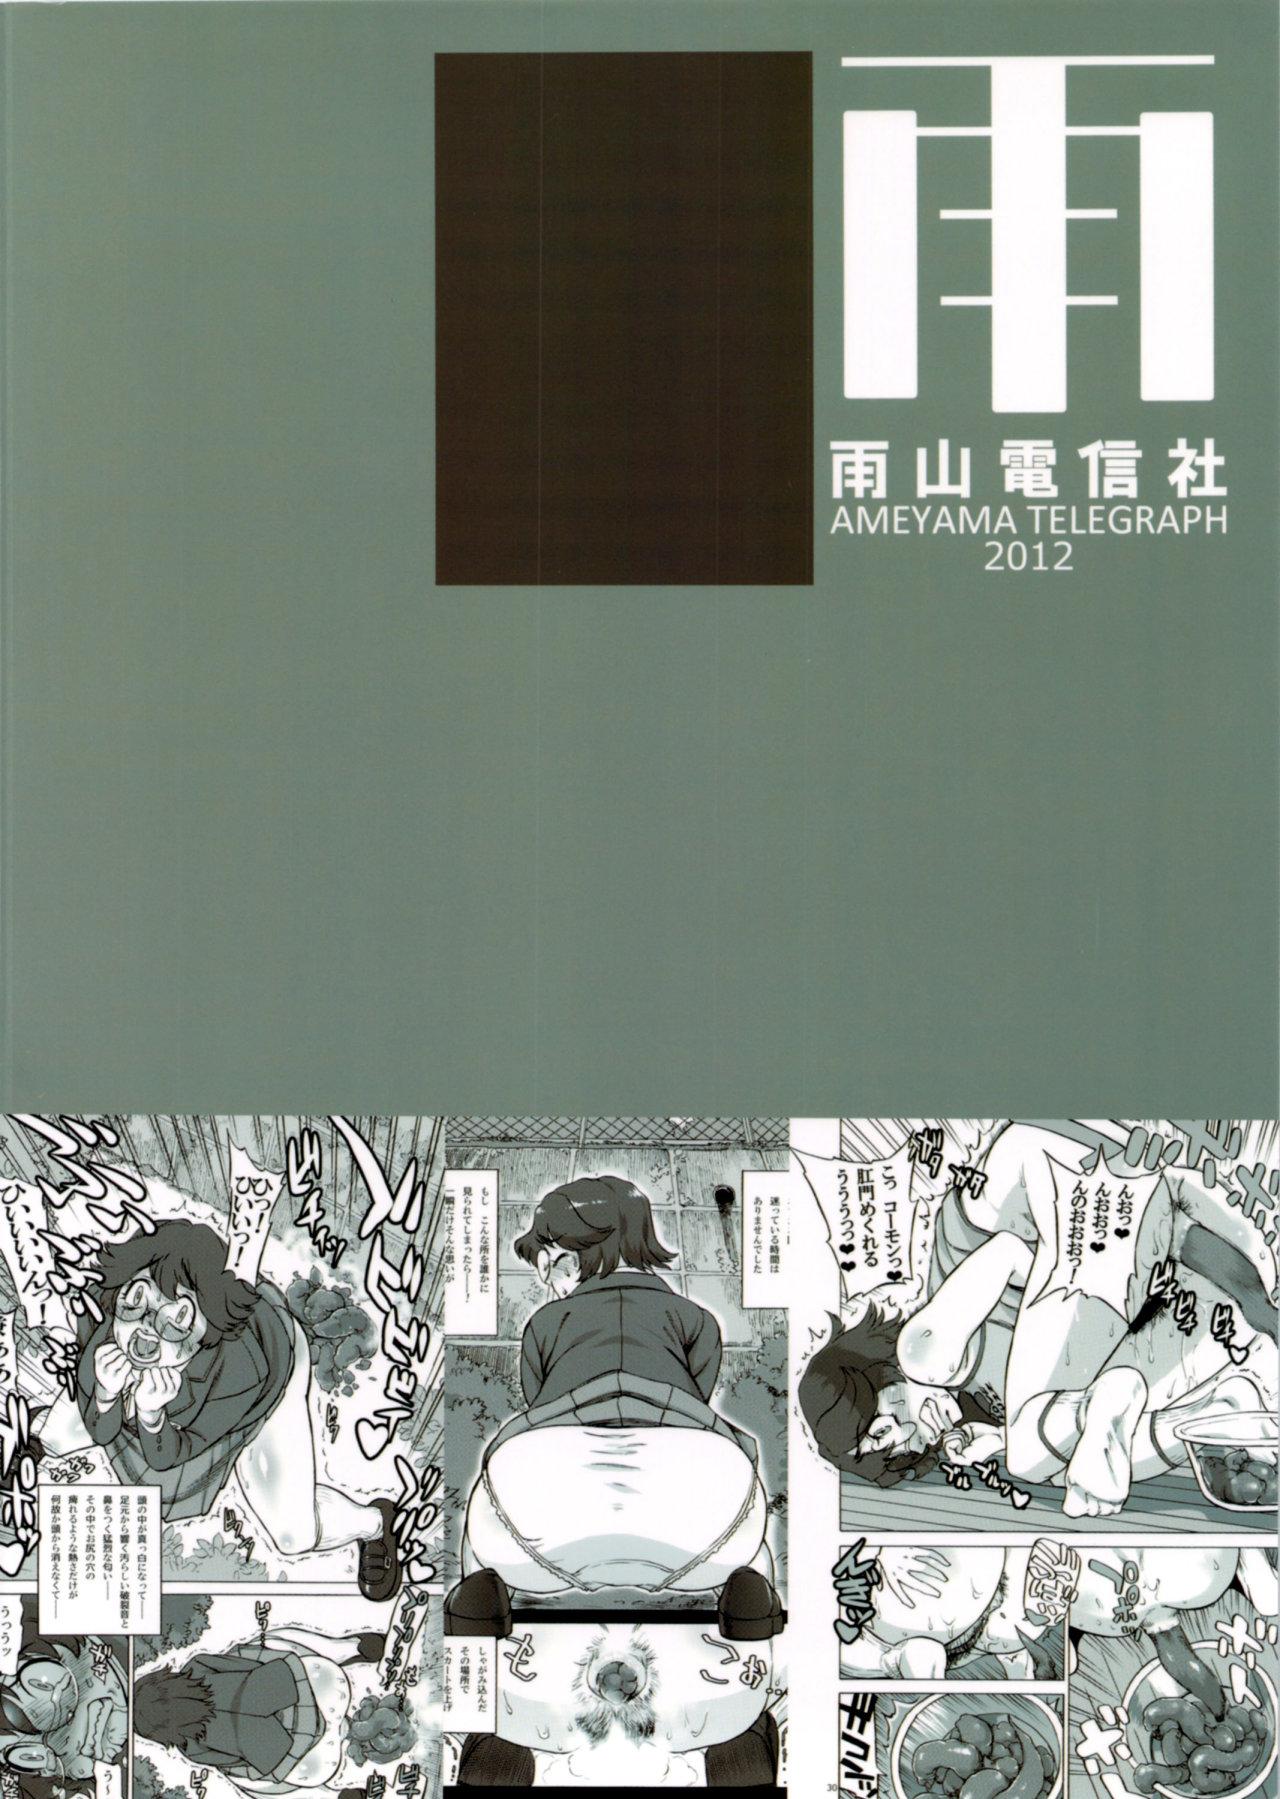 La confesion escatologica de Rokujou Junko - Ameyama Denshin & Radiohead - 37